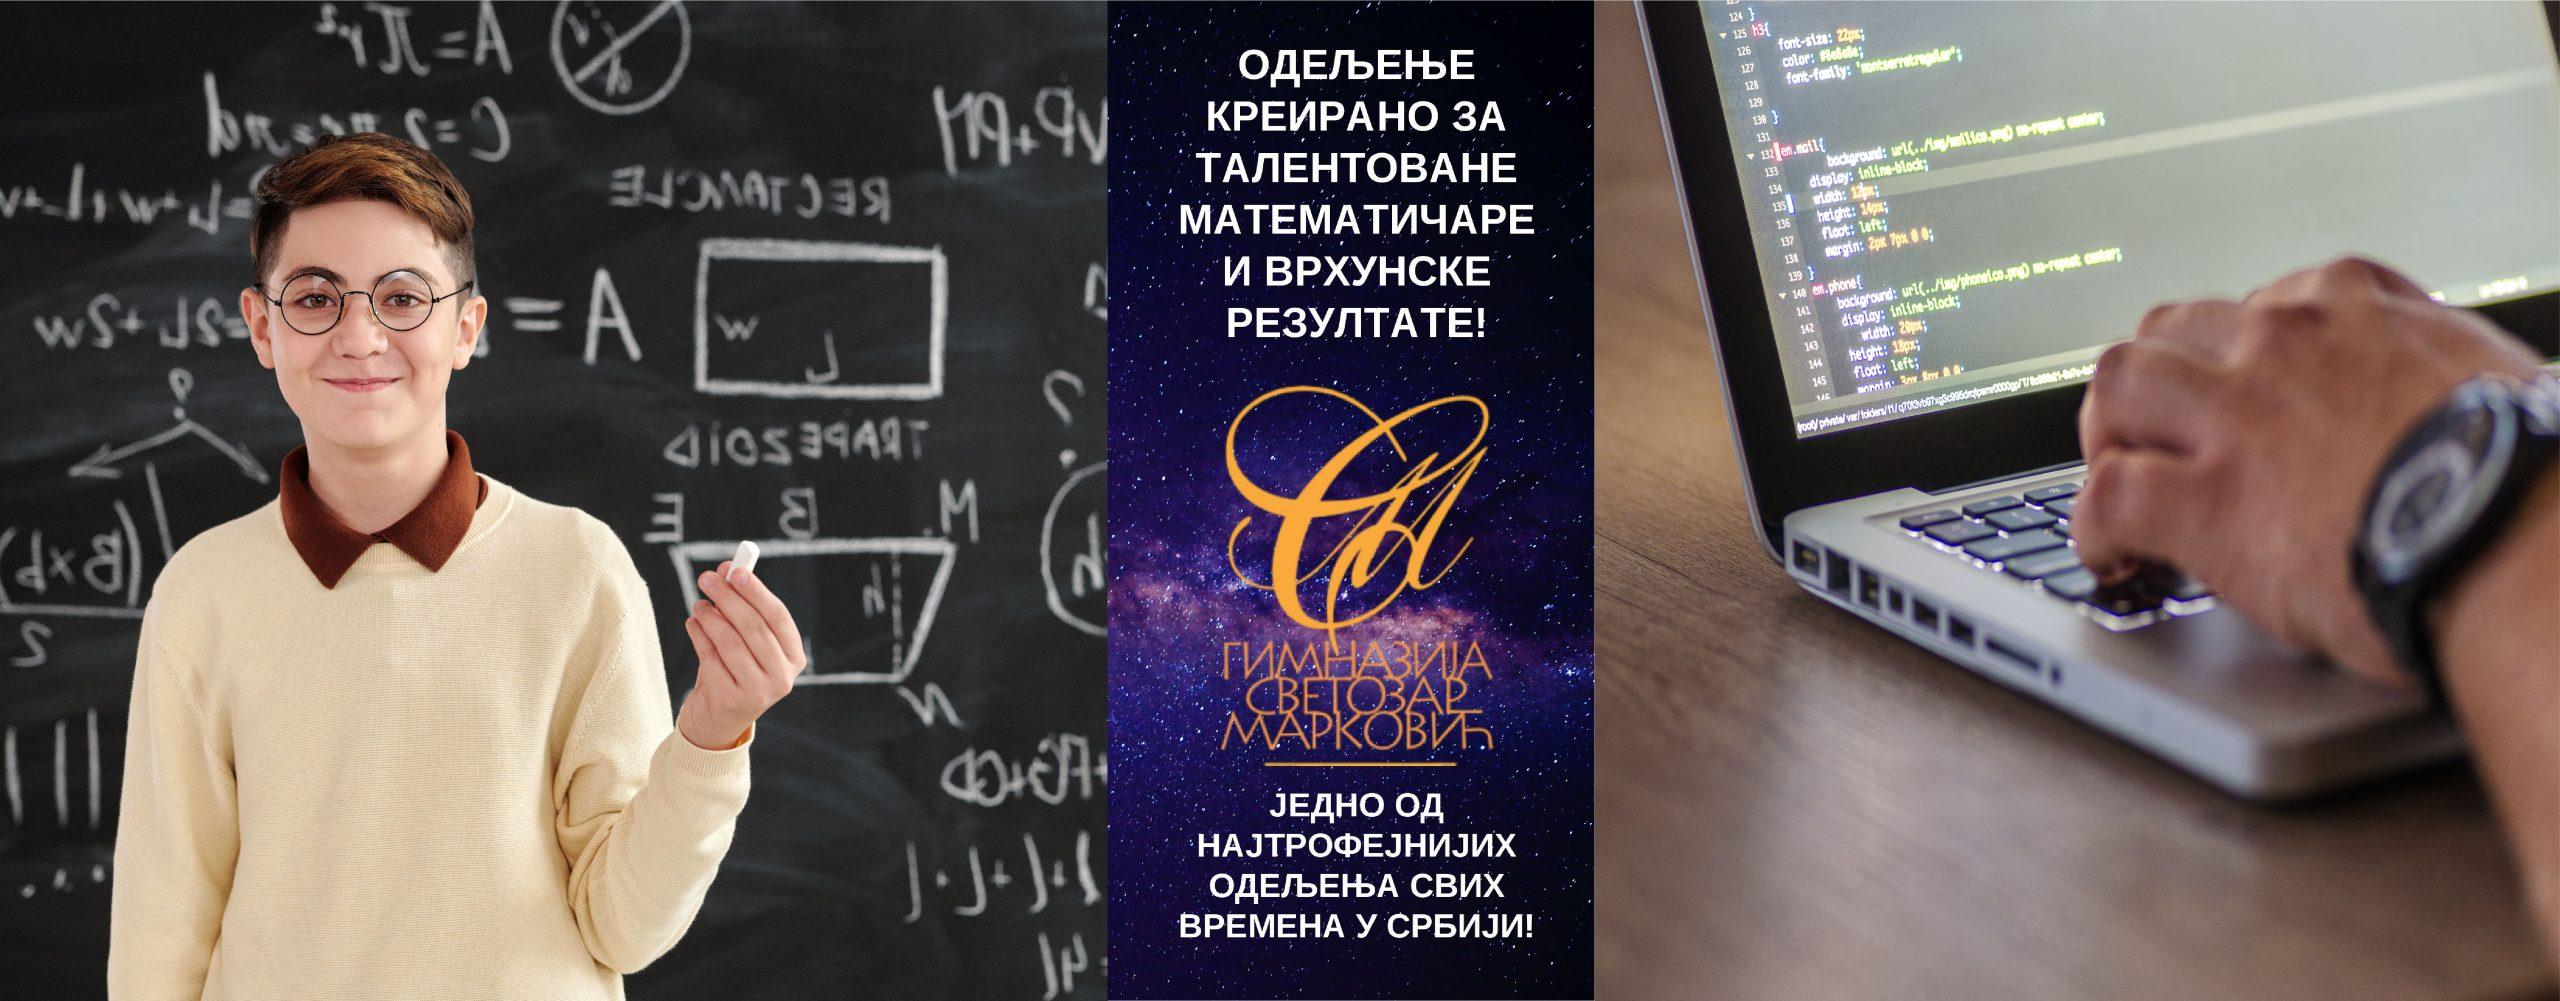 Одељење за математику